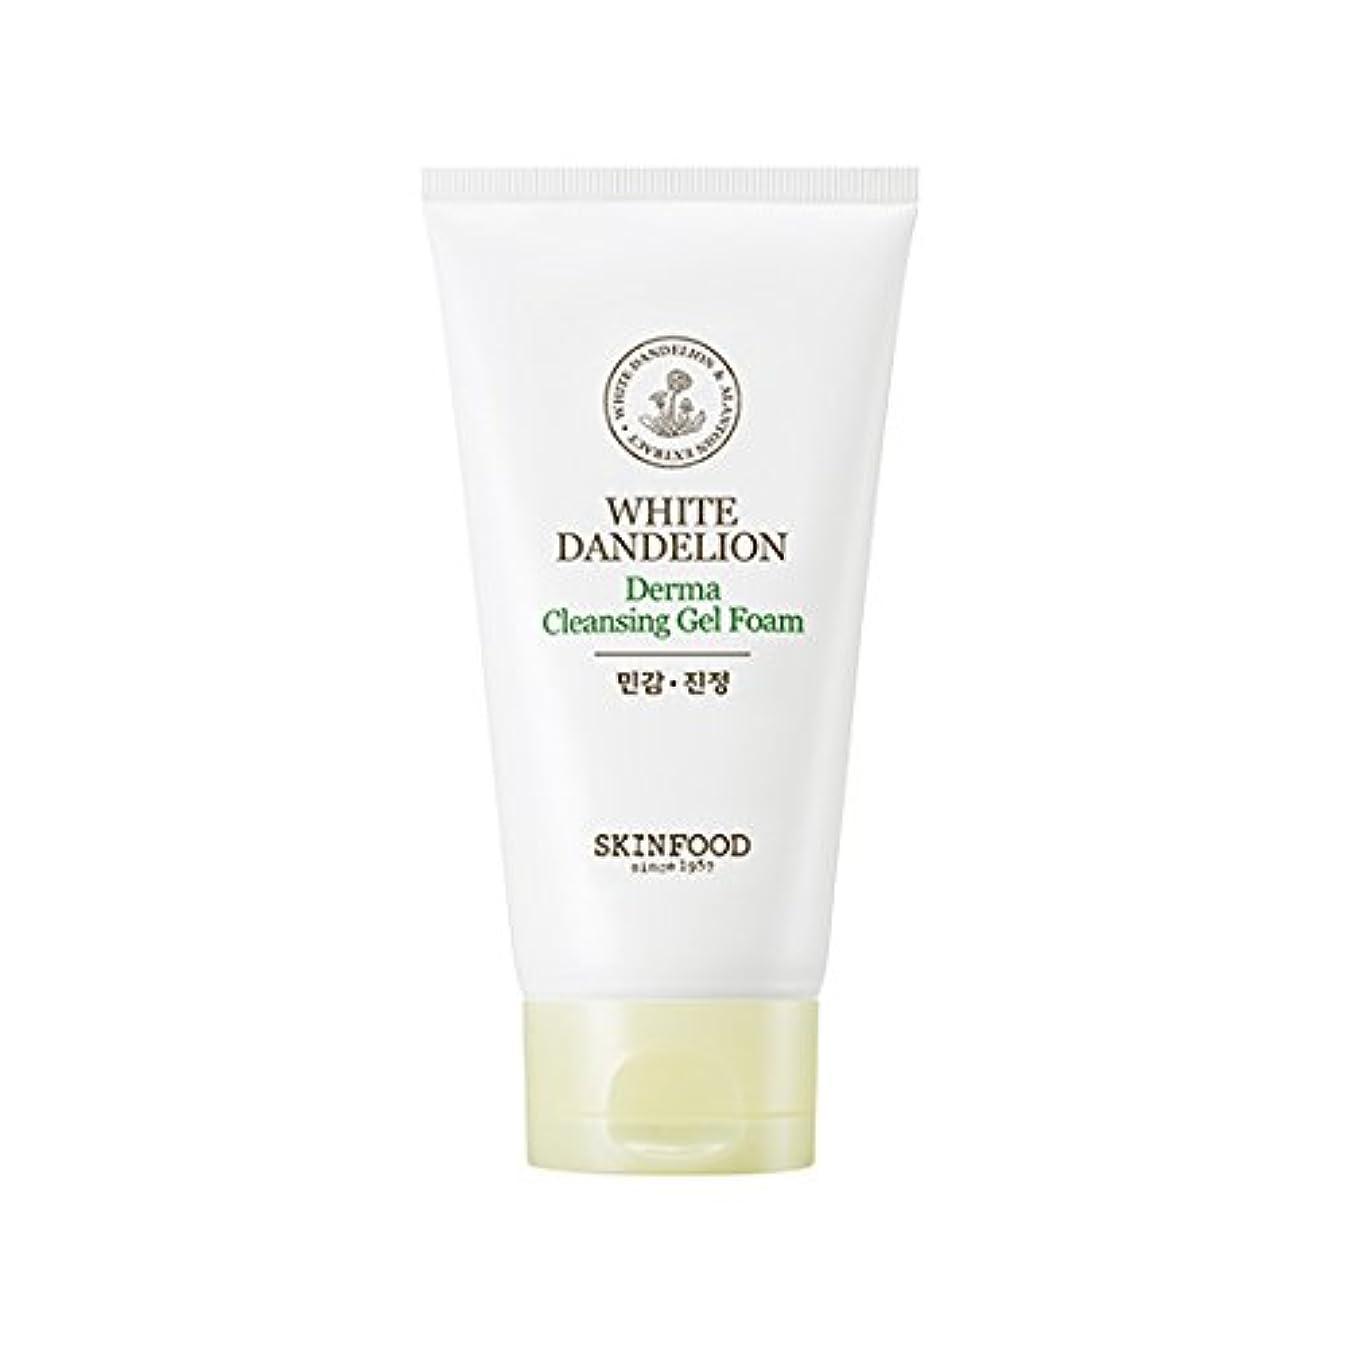 ペスト木鉱石Skinfood/White Dandelion Derma Cleansing Gel Foam/ホワイトタンポポダーマクレンジングジェルフォーム/150ml [並行輸入品]